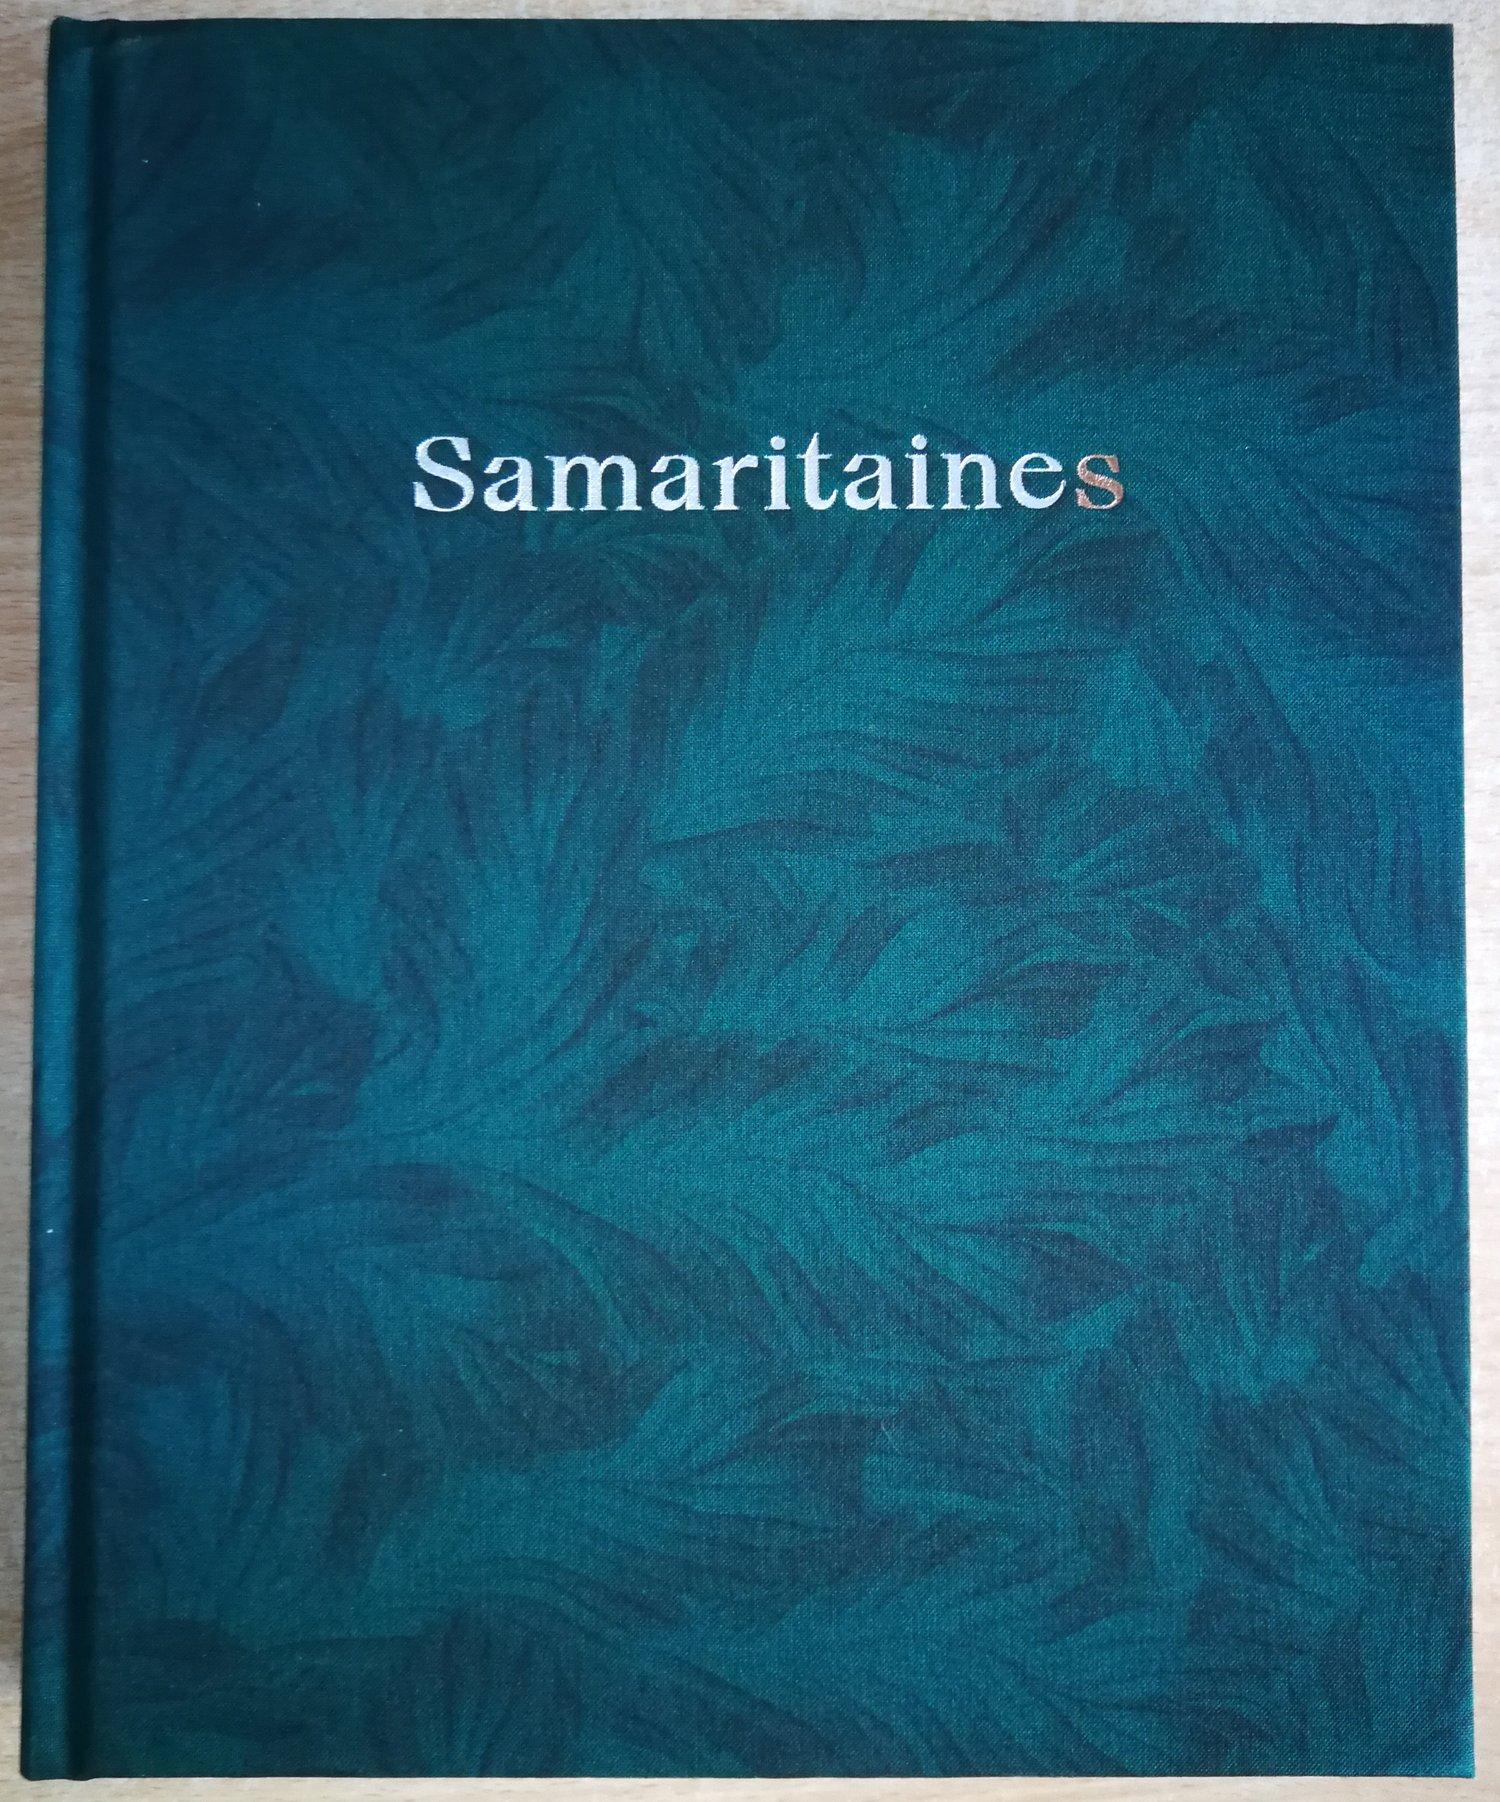 Image of Samaritaine.s Editions XAVIER BARRAL (Artistes, notamment A.K Scheidegger, DE BEYTER)